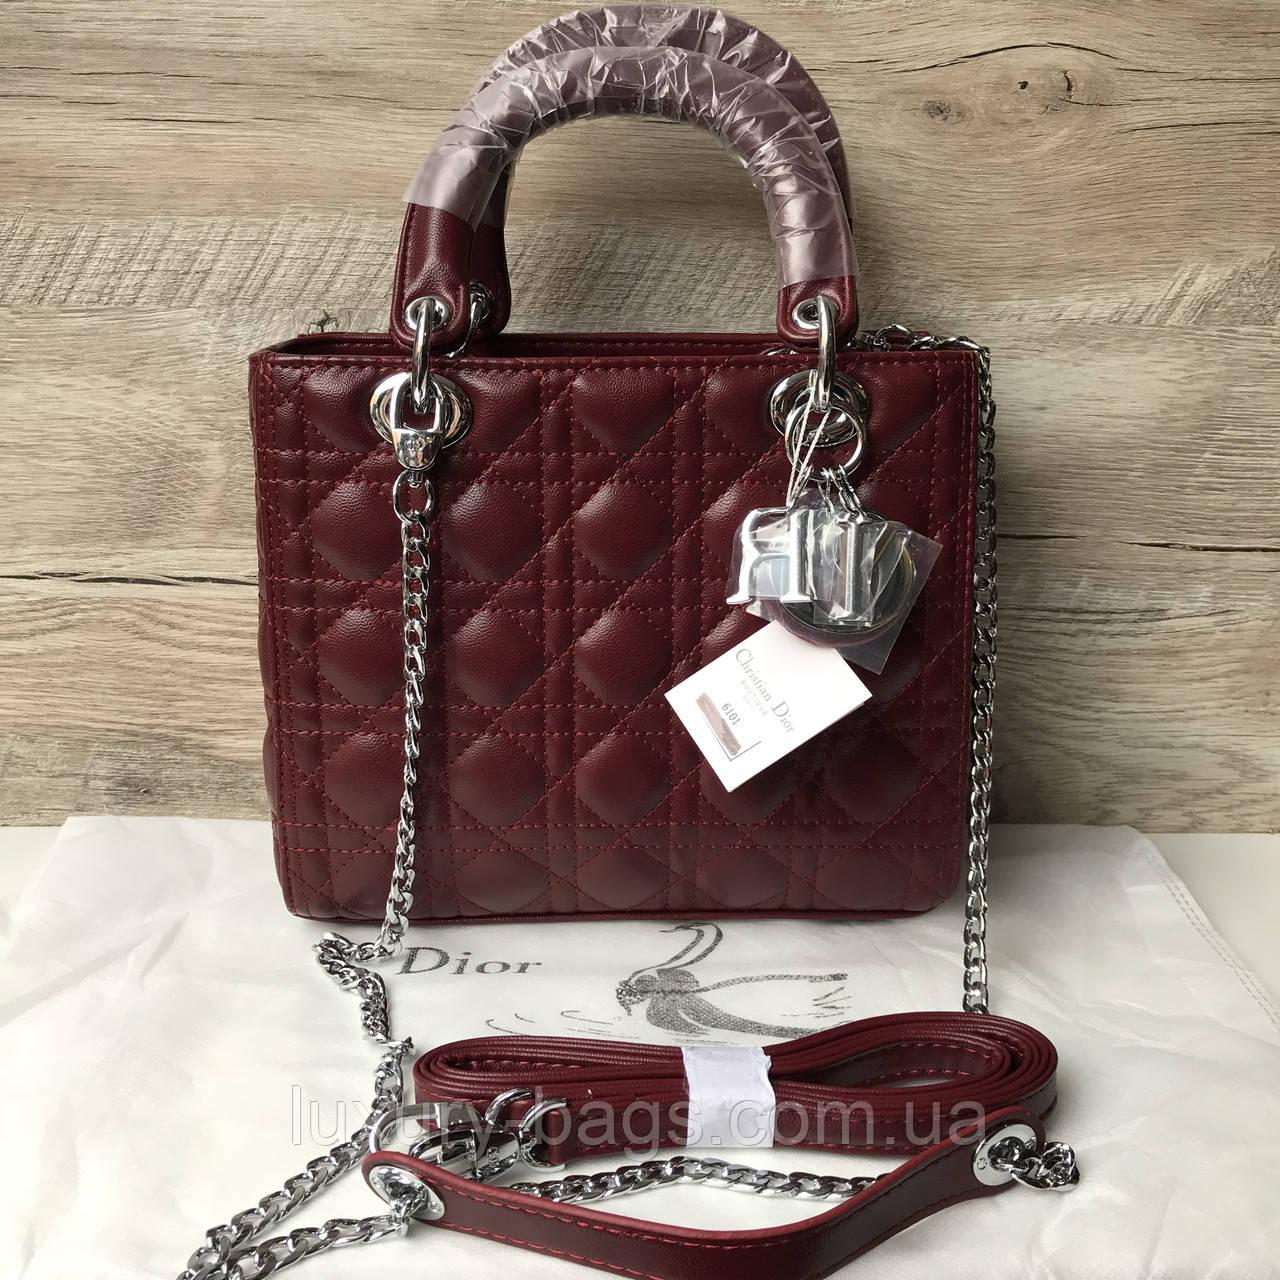 Женская сумка Dior Lady Диор 460f53c1ba1c1